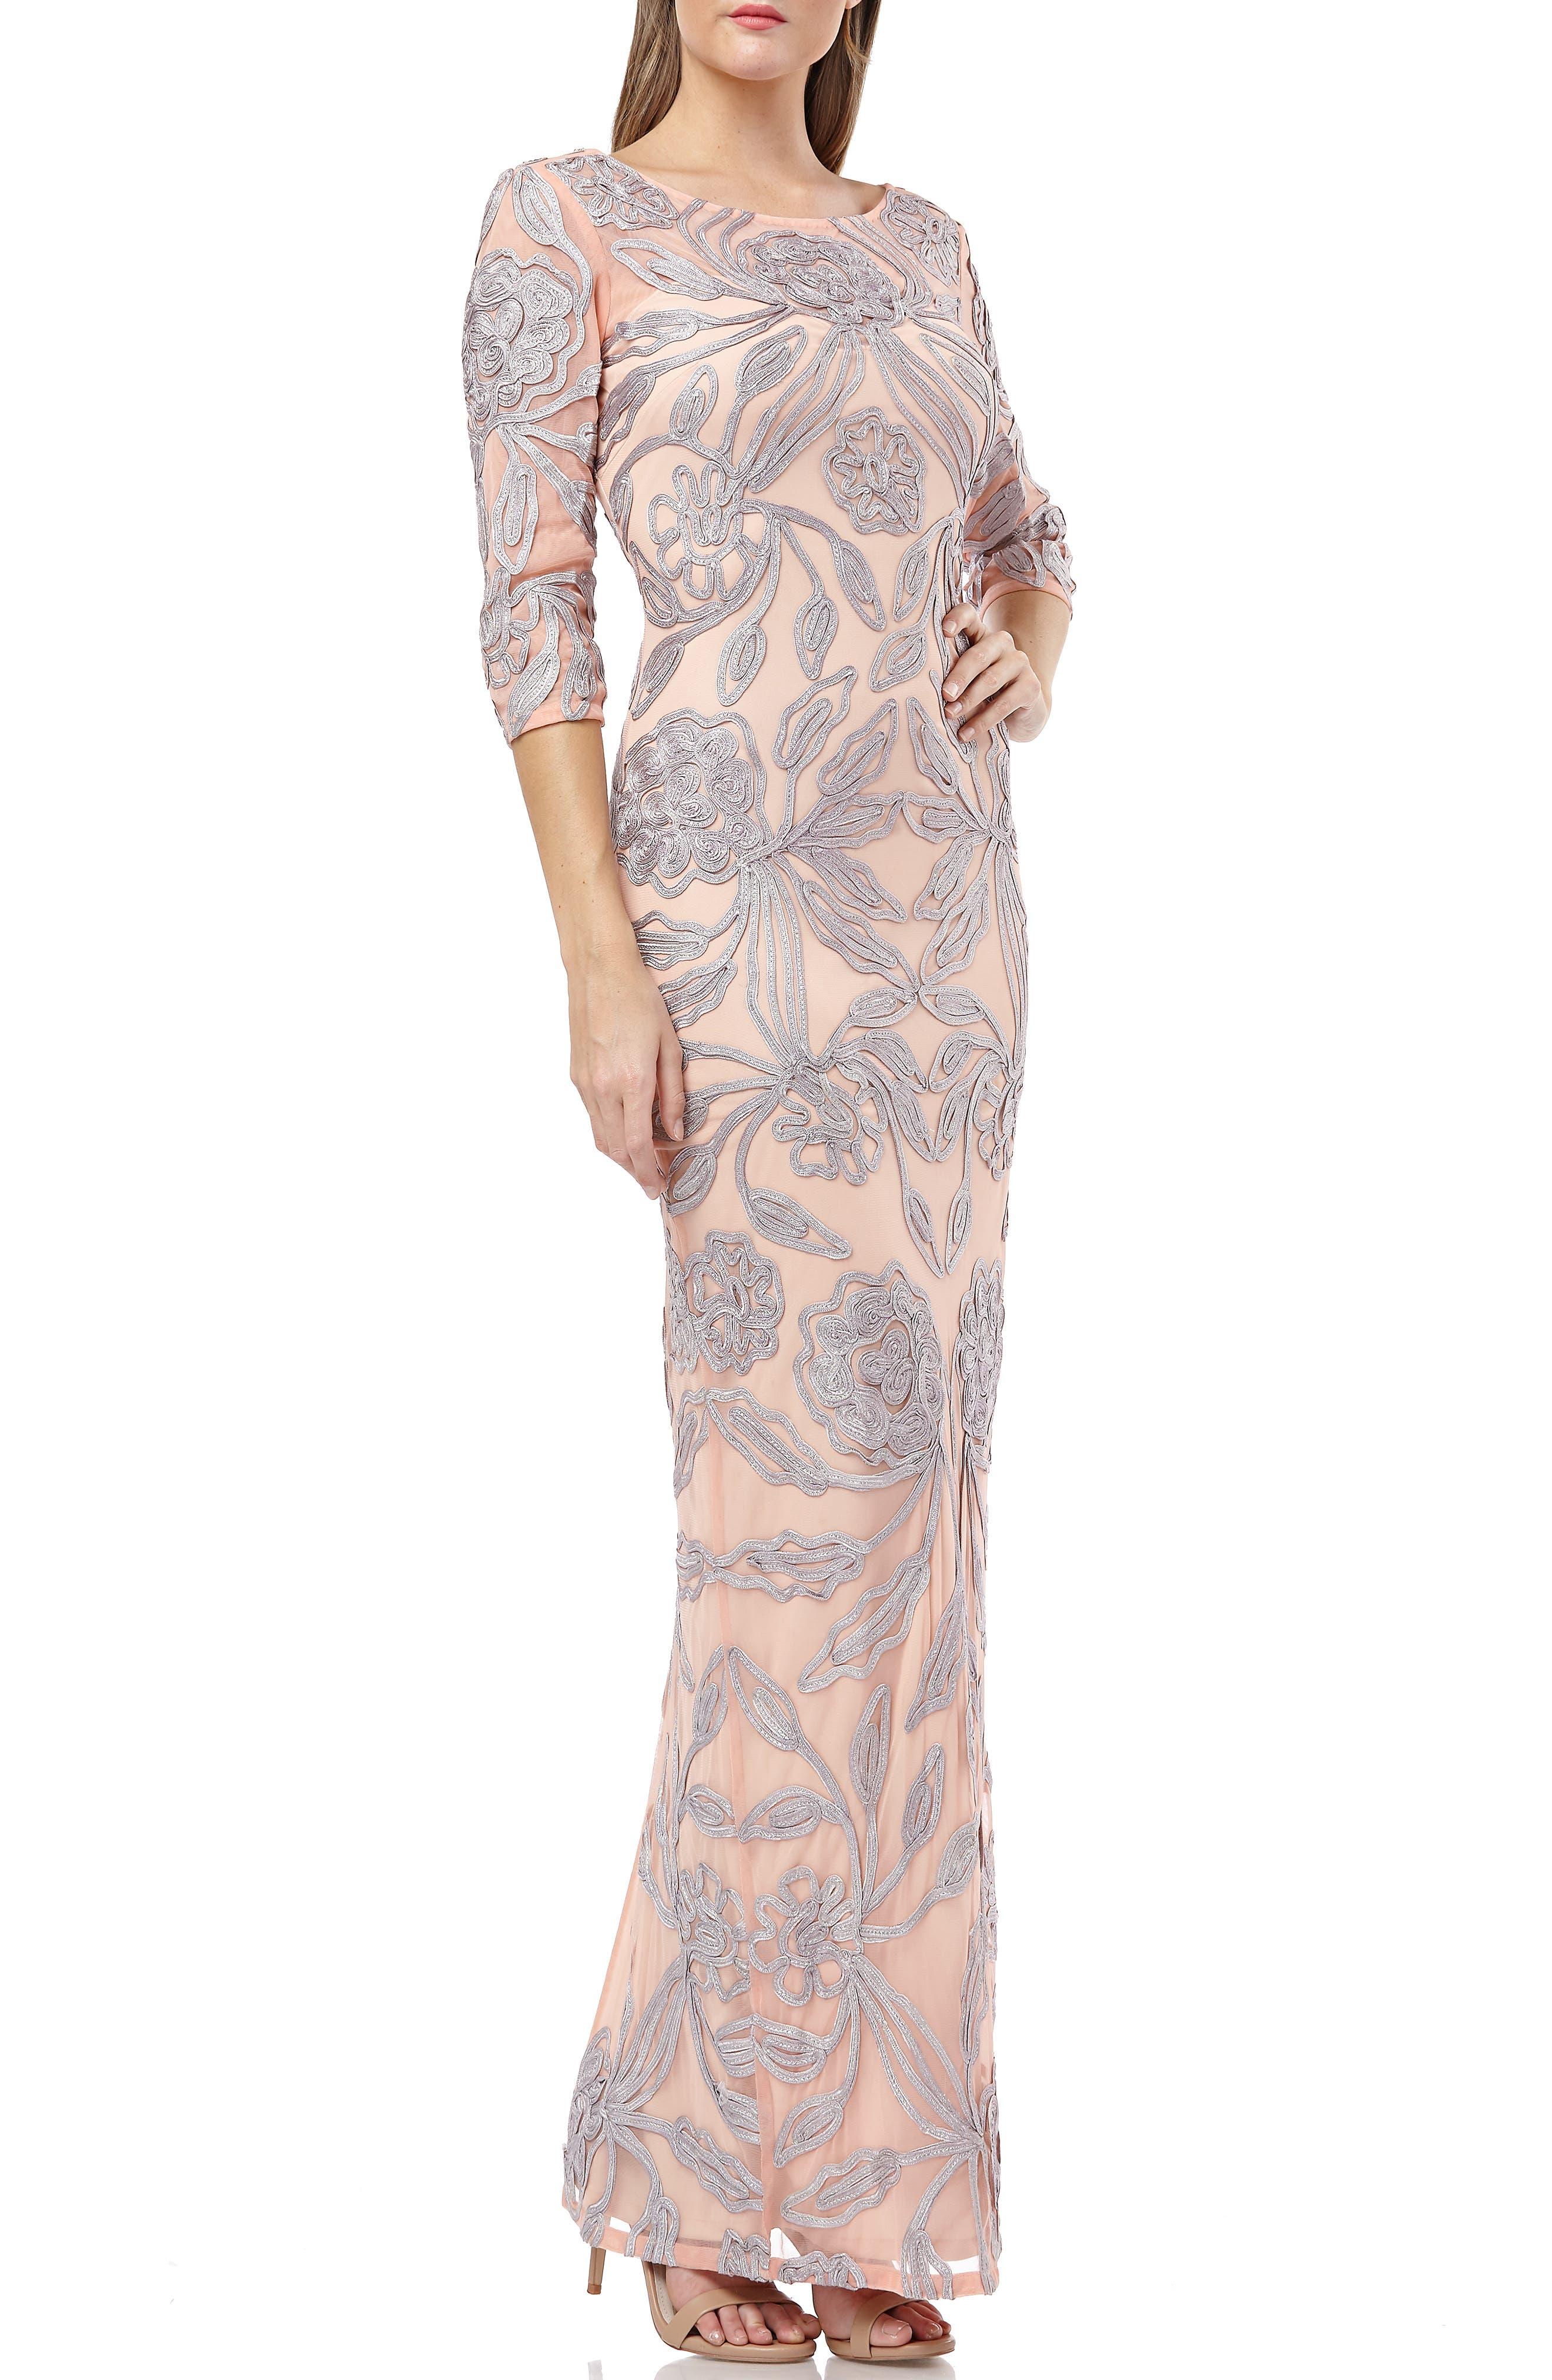 Js Collections Metallic Soutache Lace Evening Dress, Beige